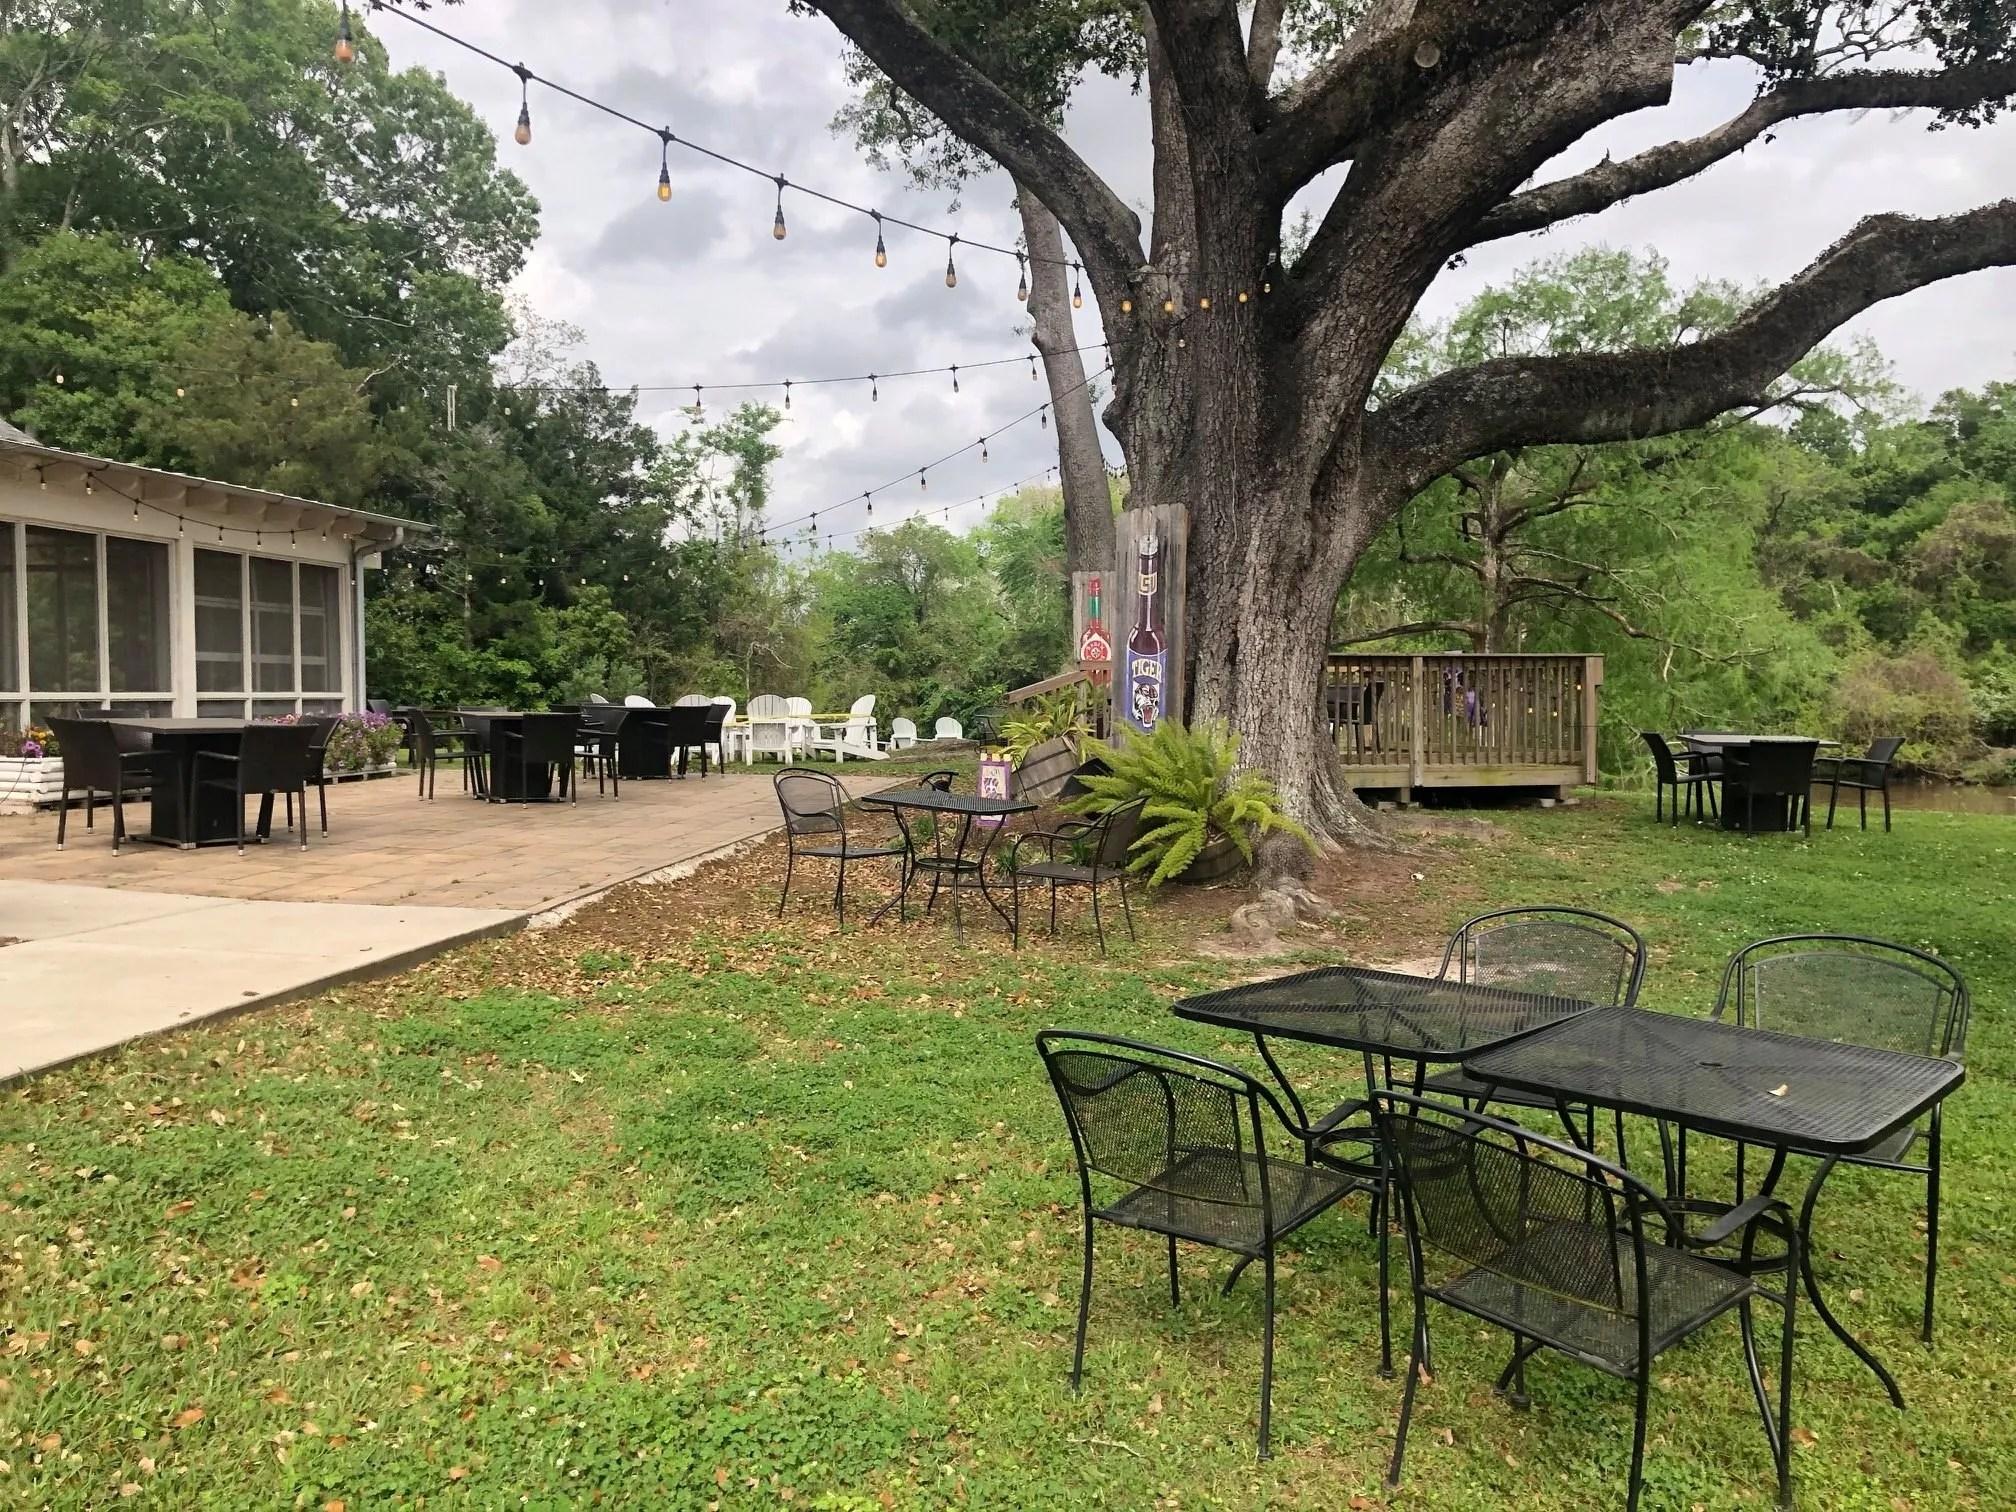 acadiana restaurants offering outdoor